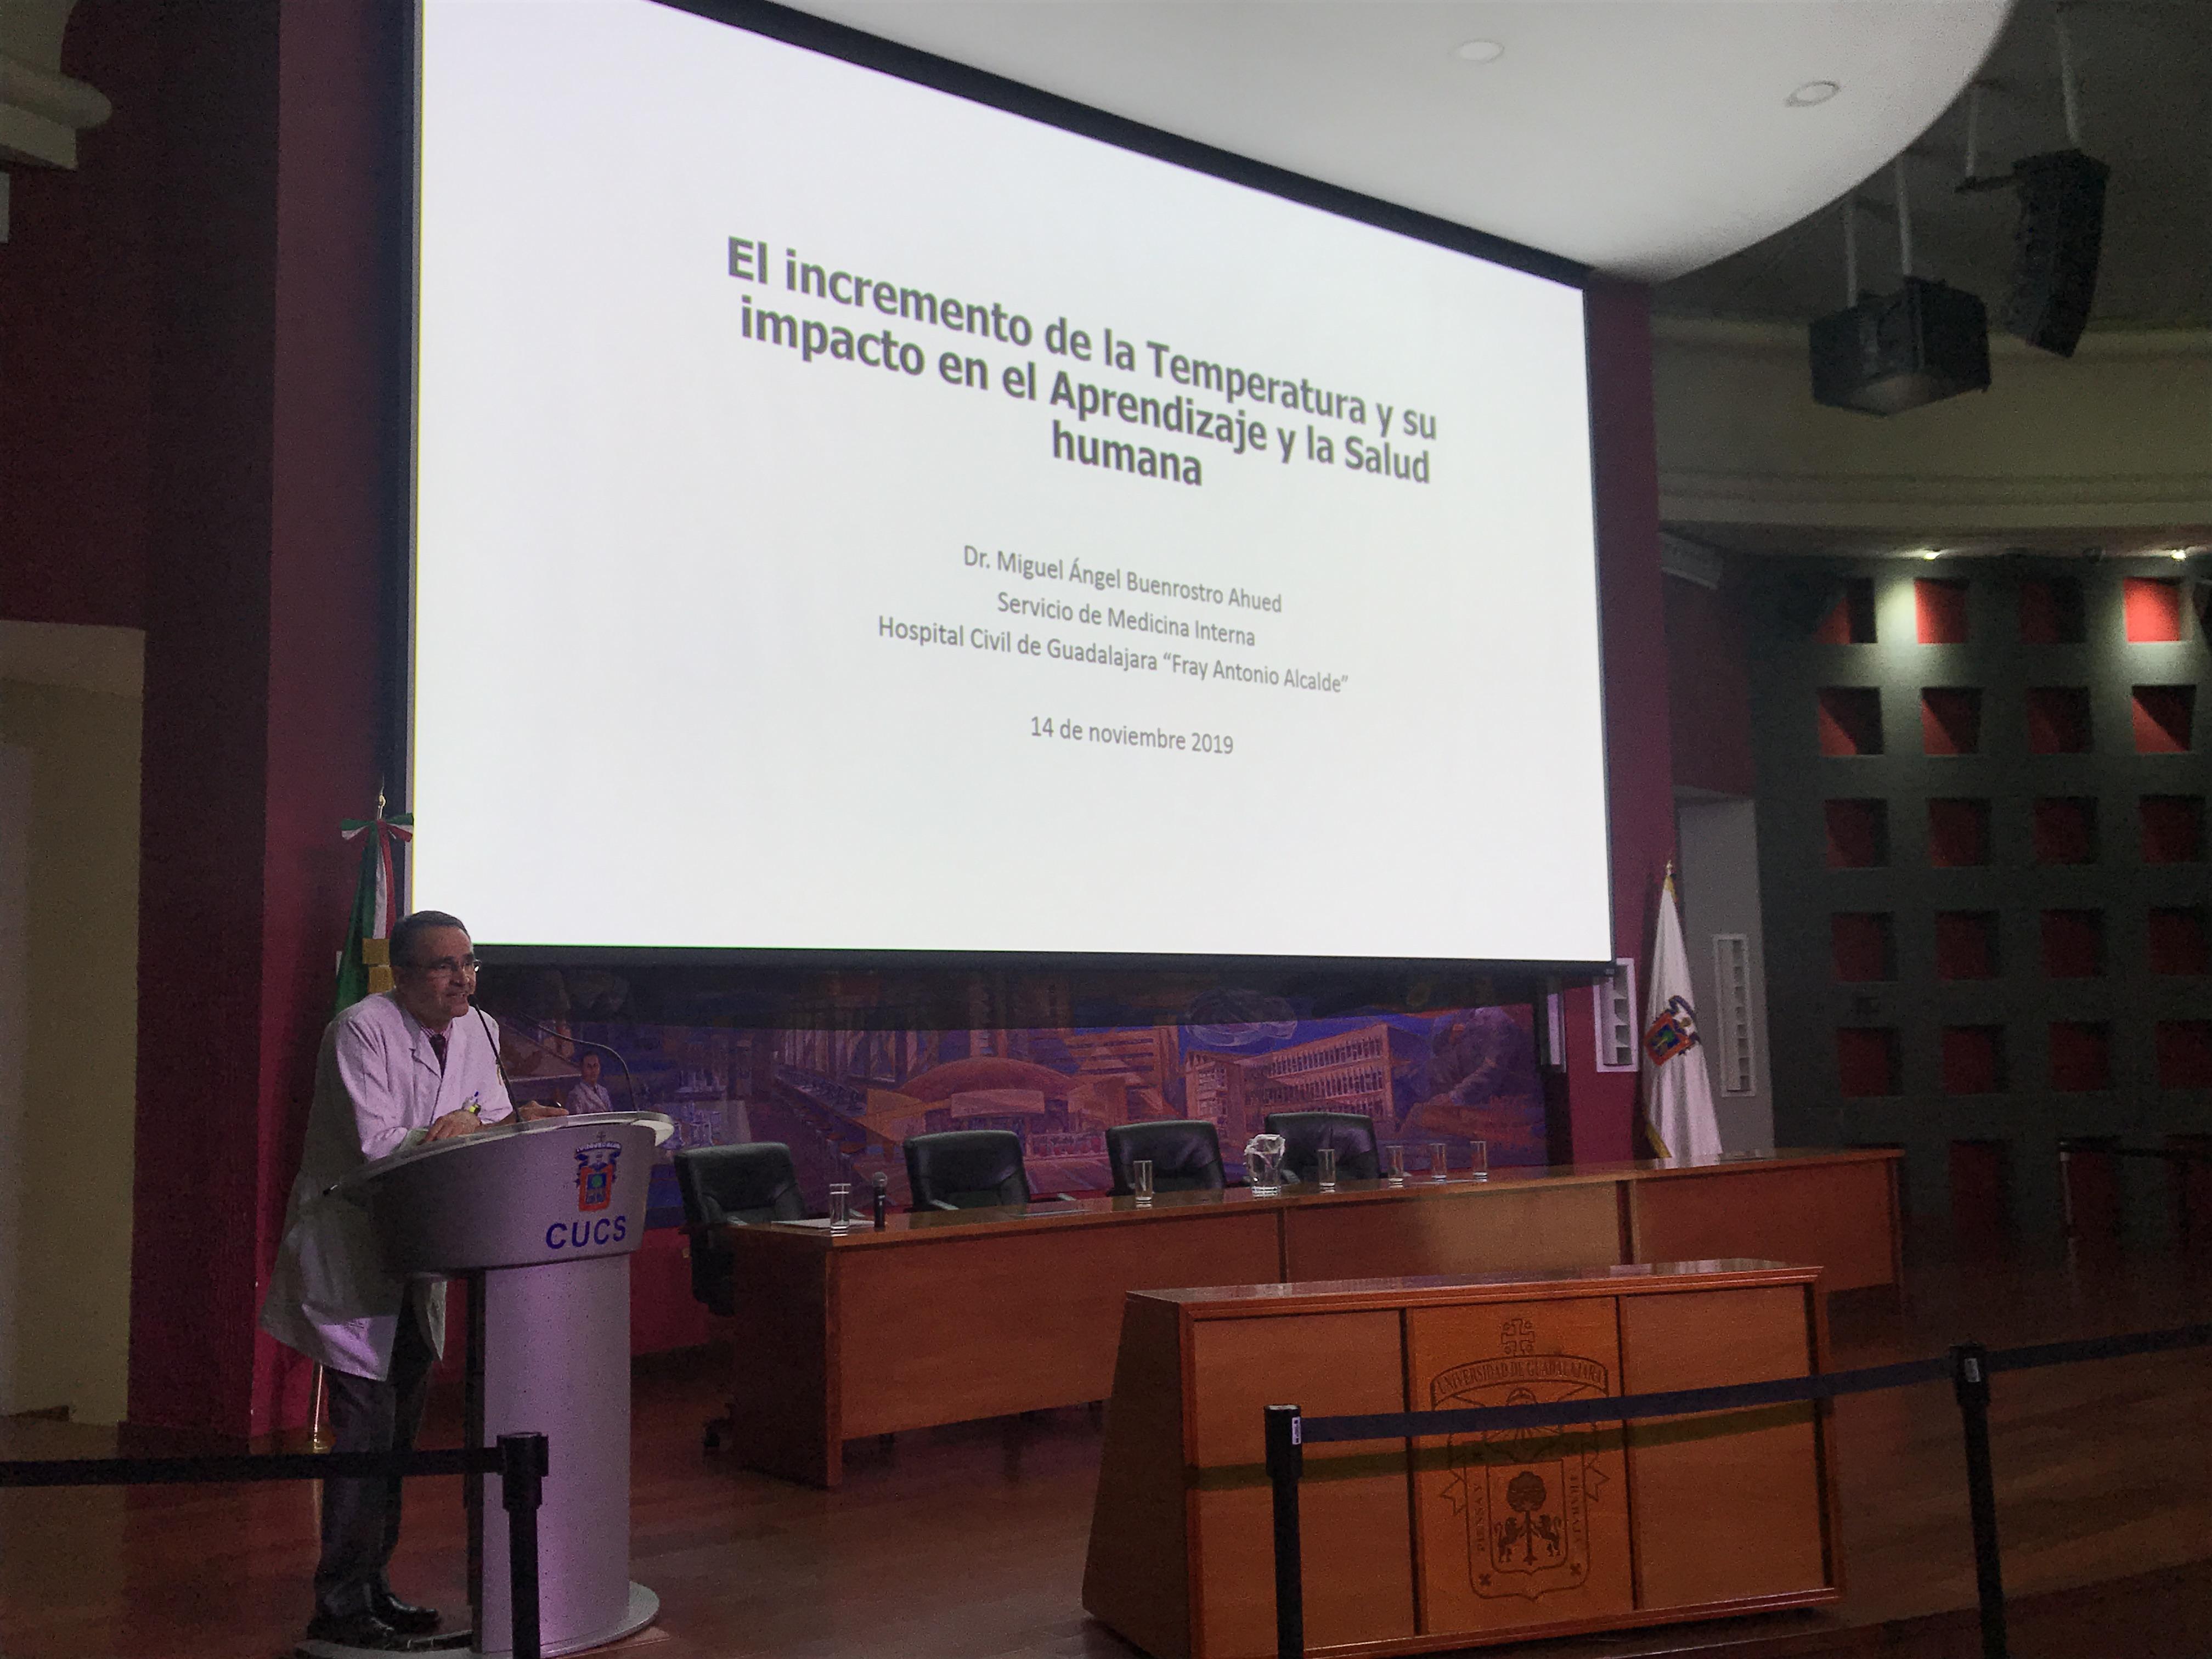 Ponente en el pódium, atrás diapositiva